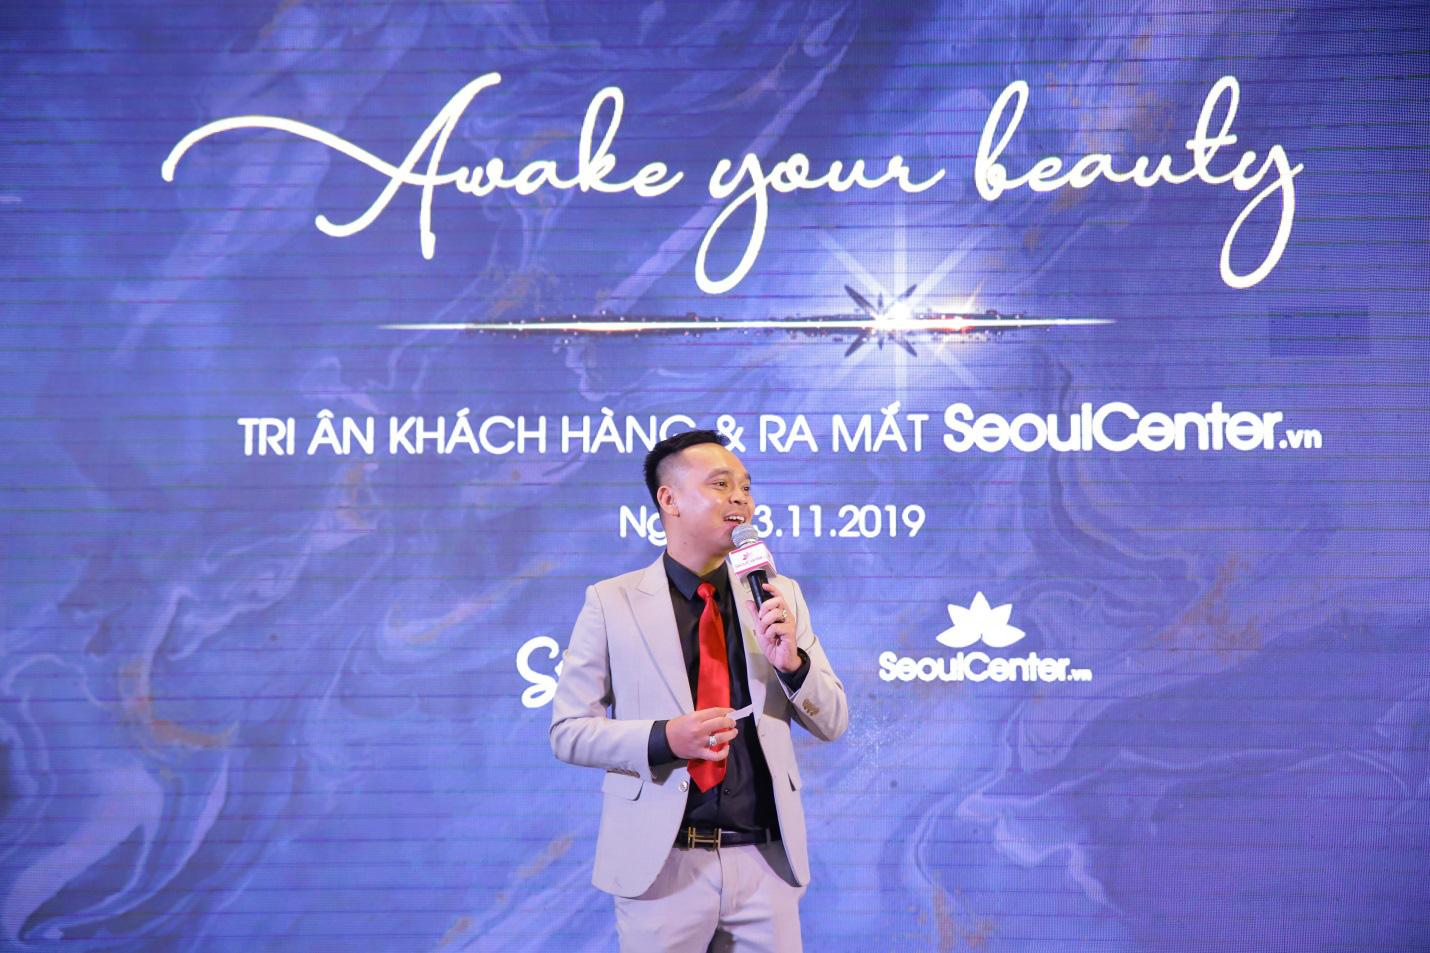 Hơn 600 khách hàng tham dự dạ tiệc tri ân khách hàng của SeoulSpa.Vn - Ảnh 4.